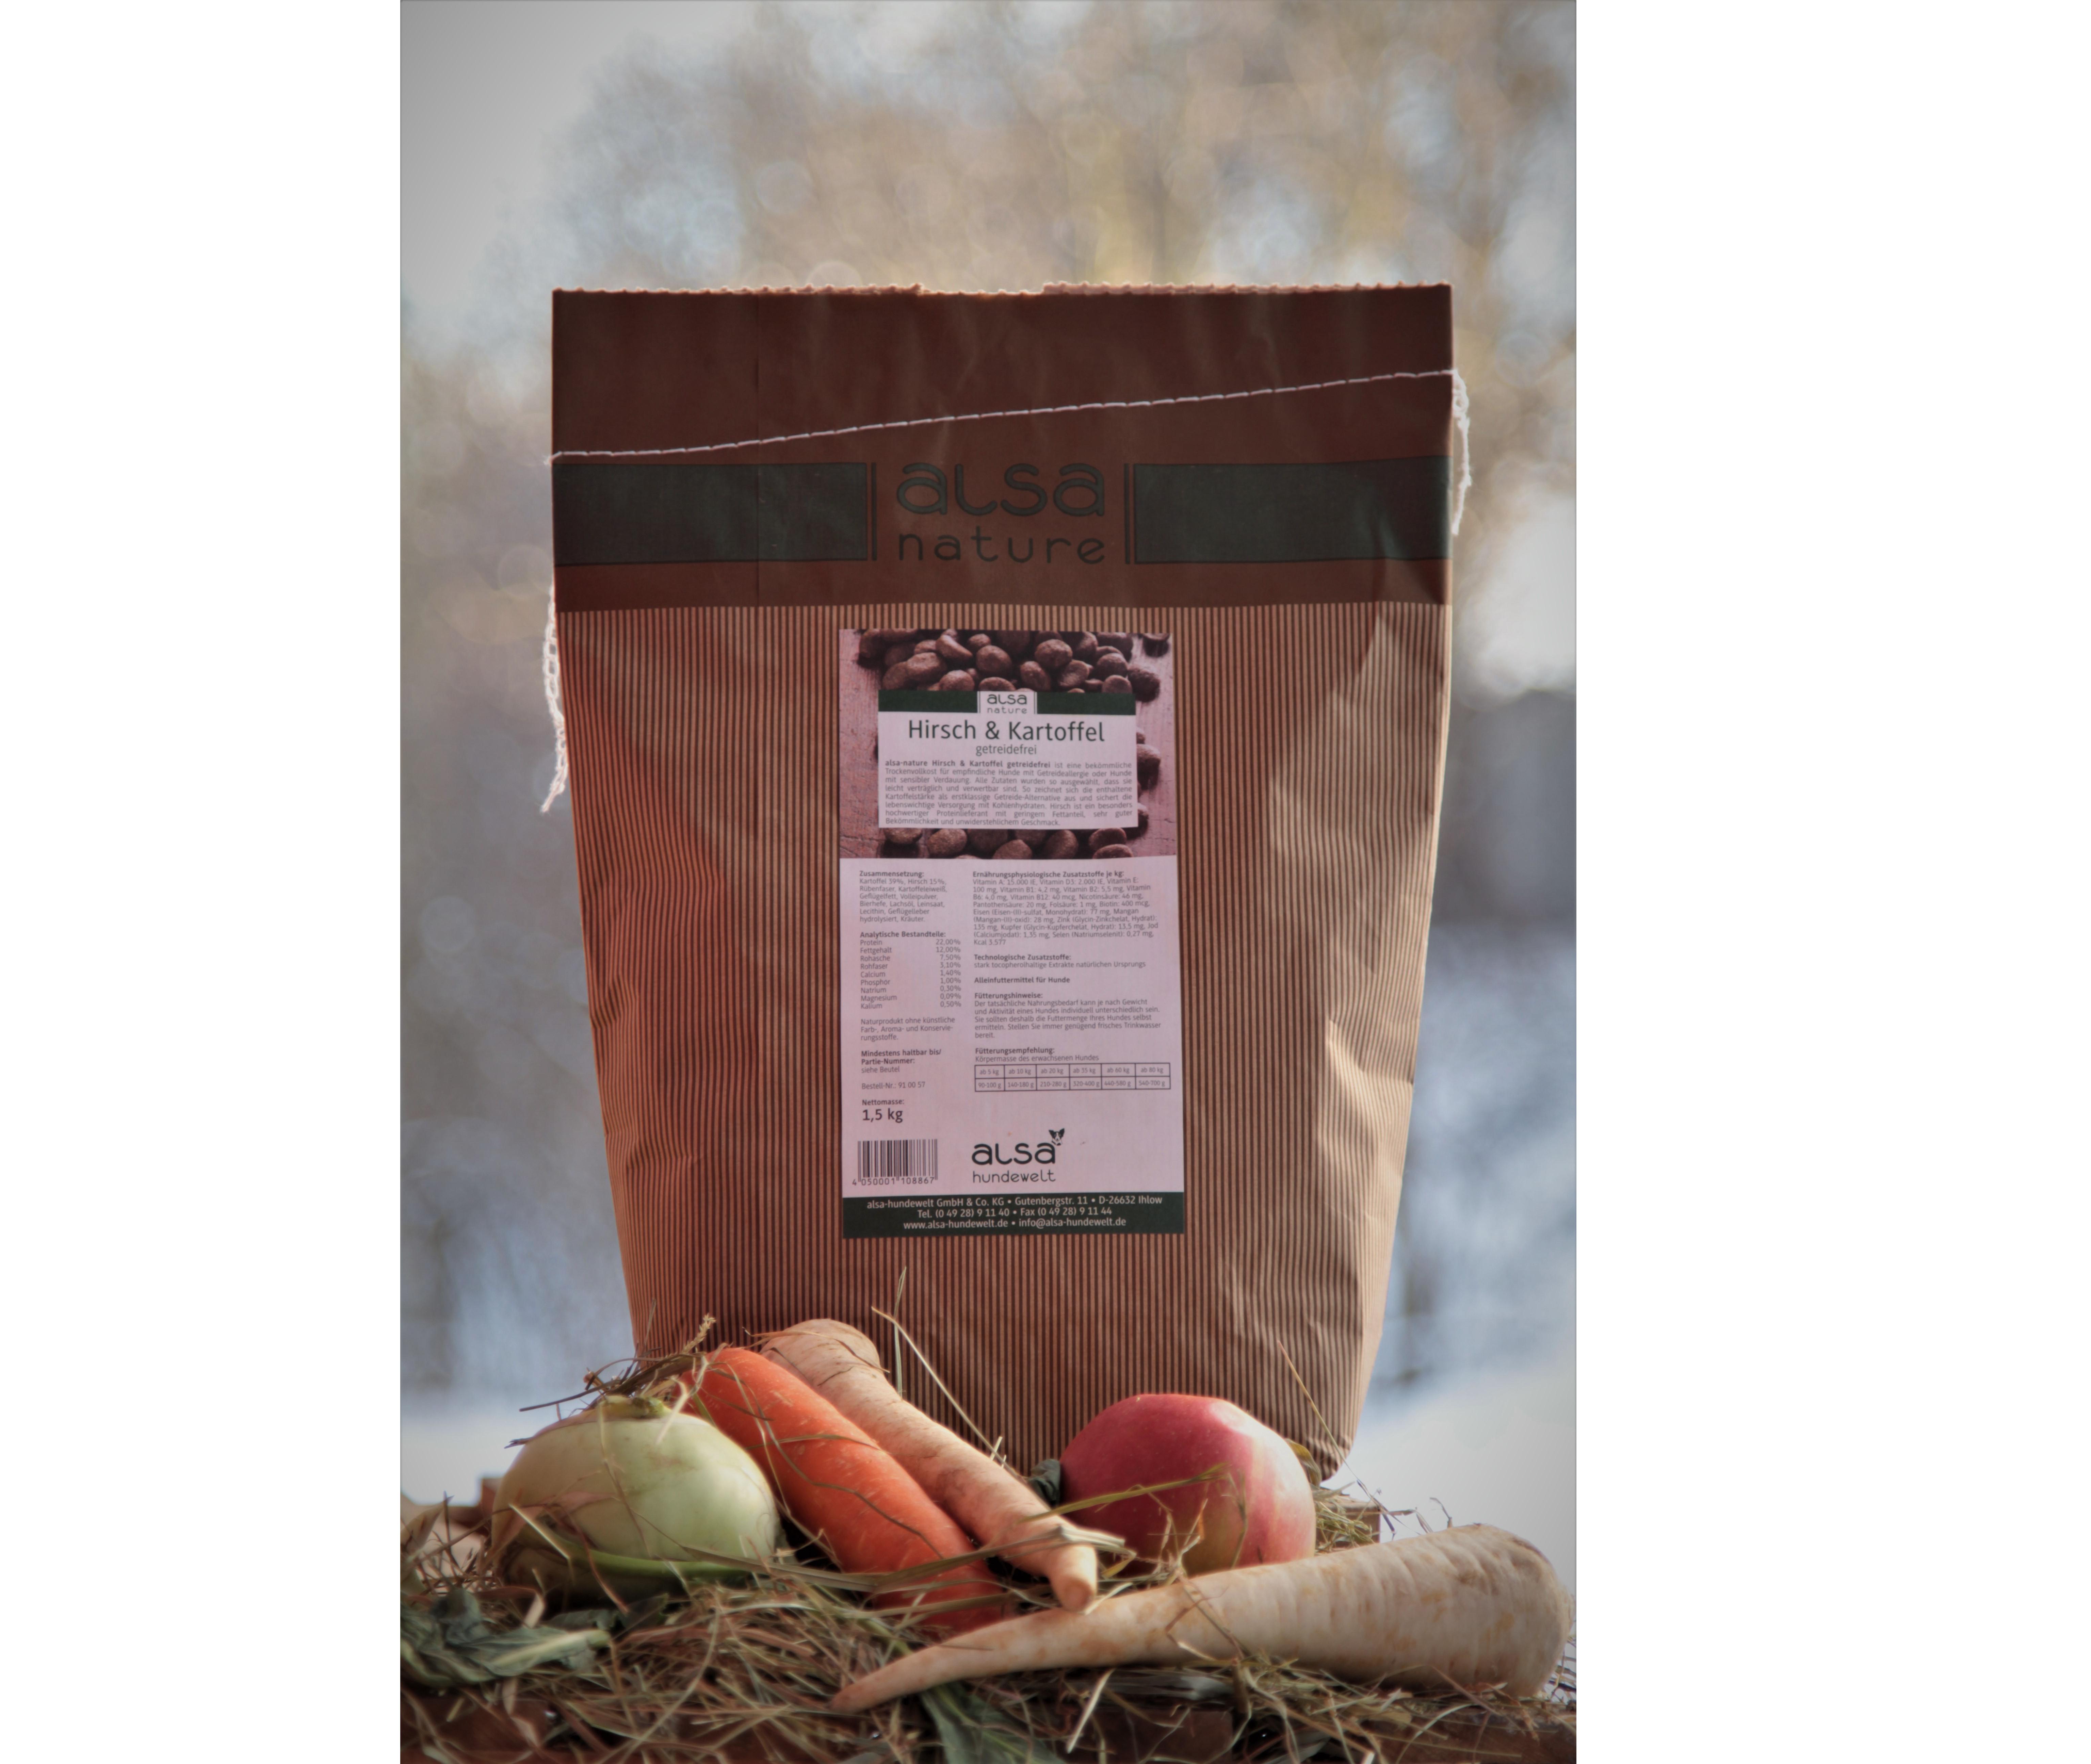 Alsa-nature Hirsch & Kartoffel – Jeleń z Kartoflami